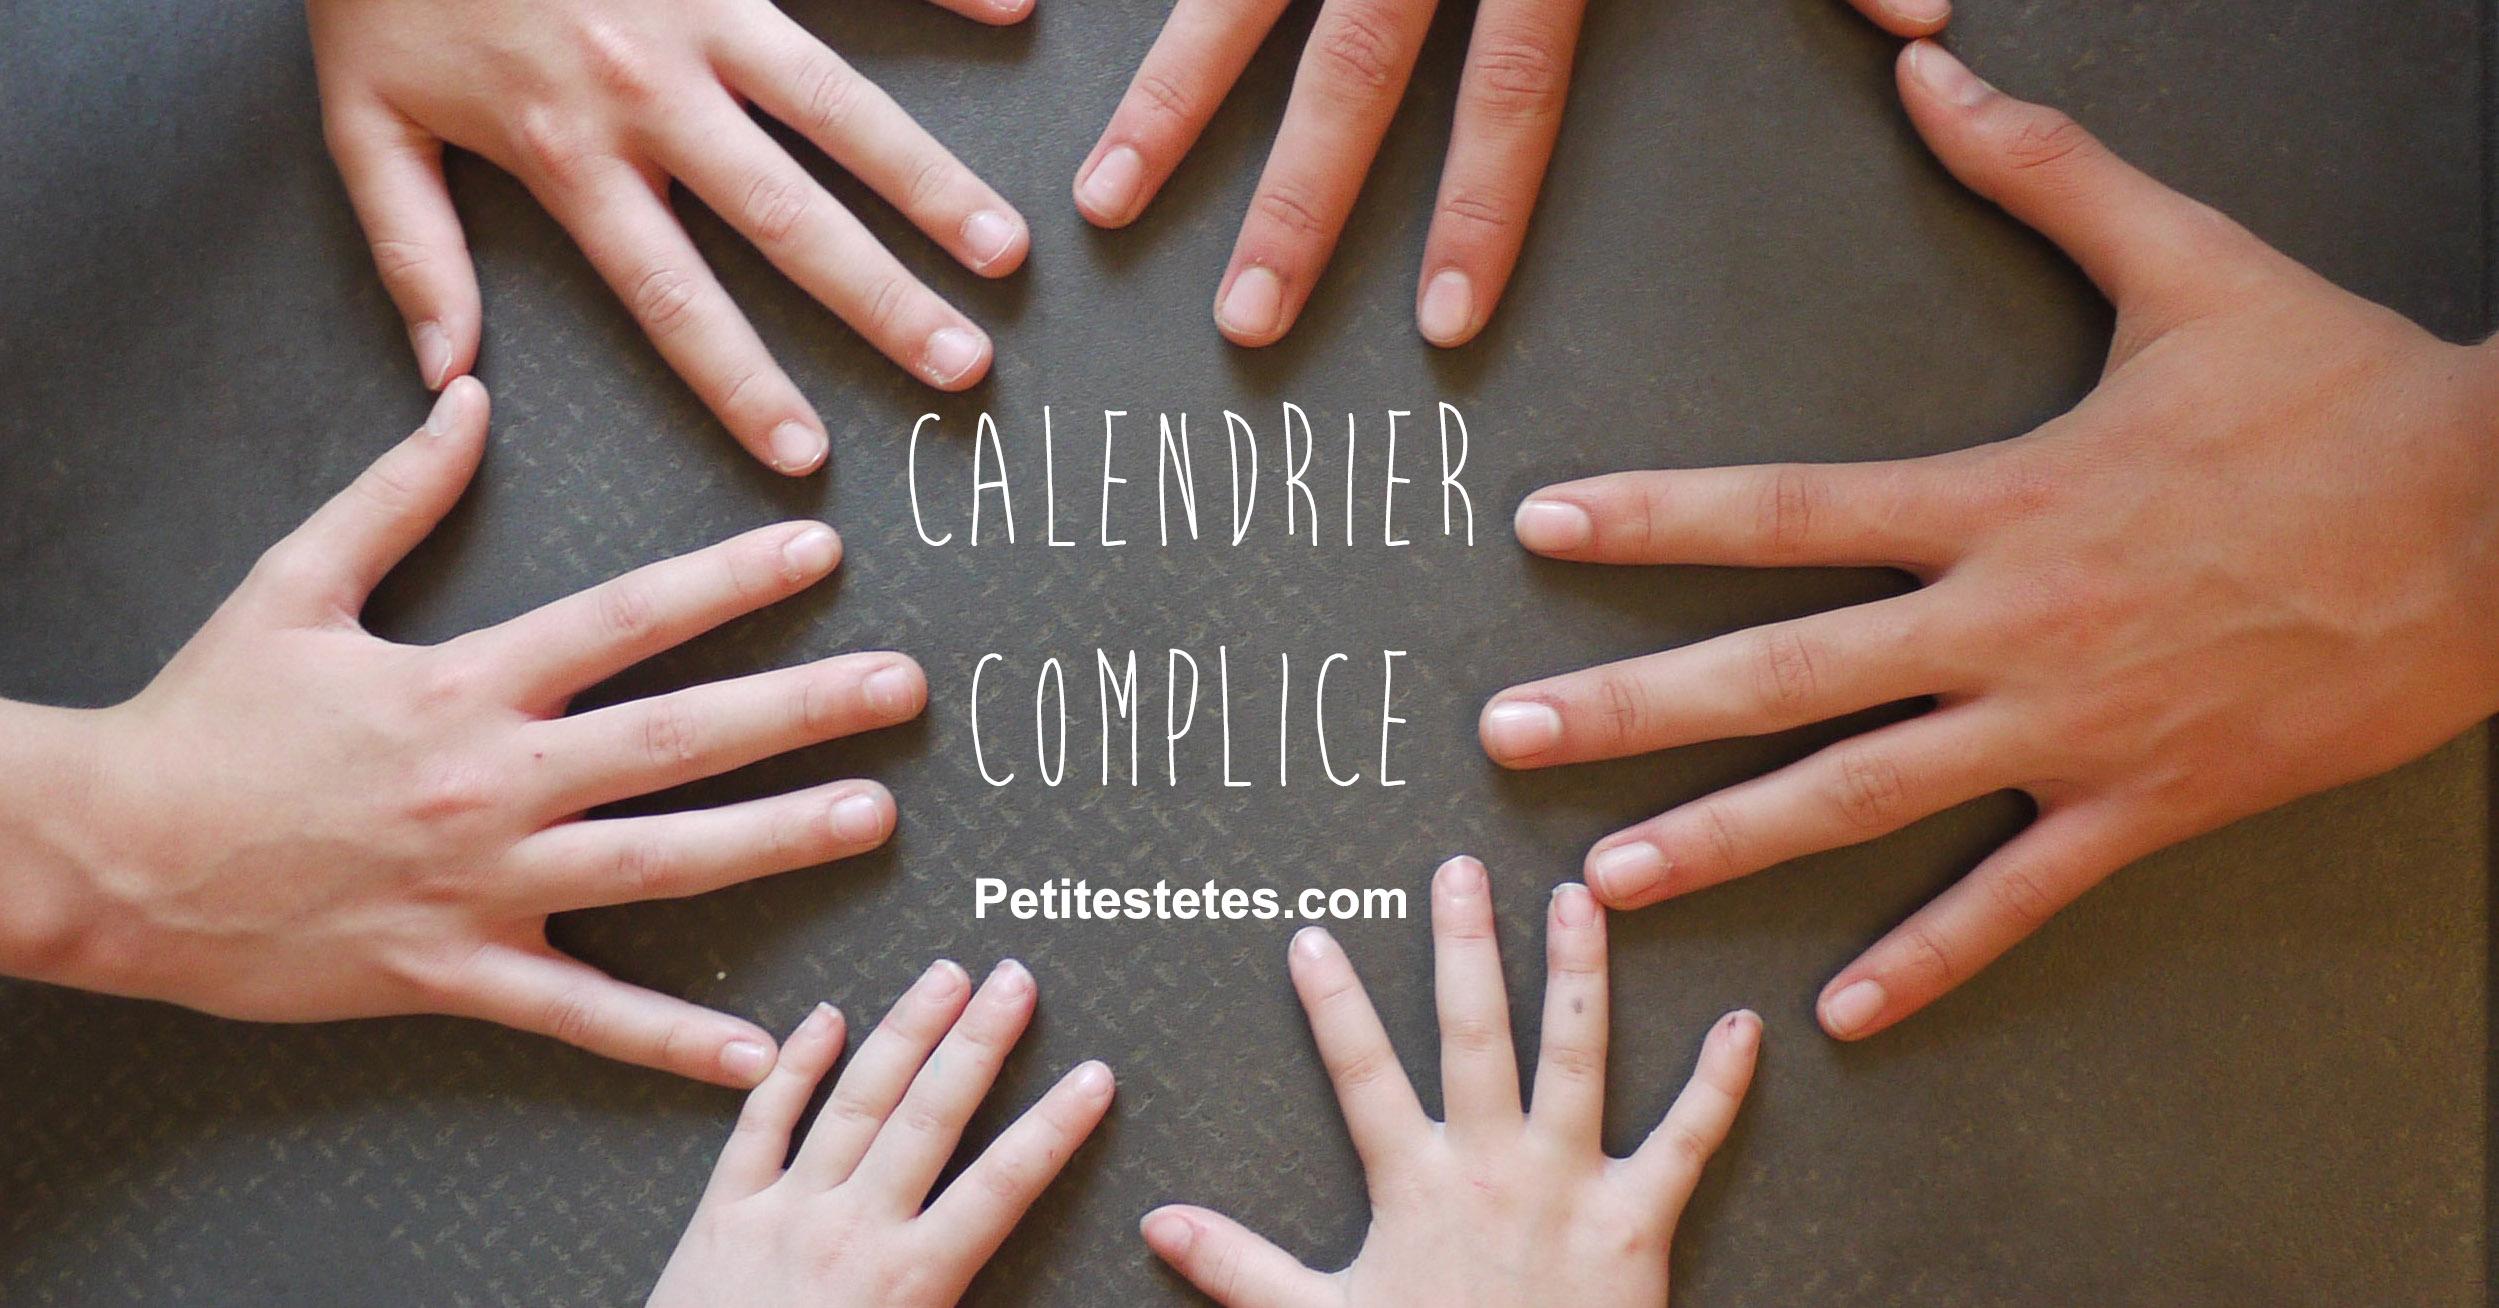 Calendrier complice2